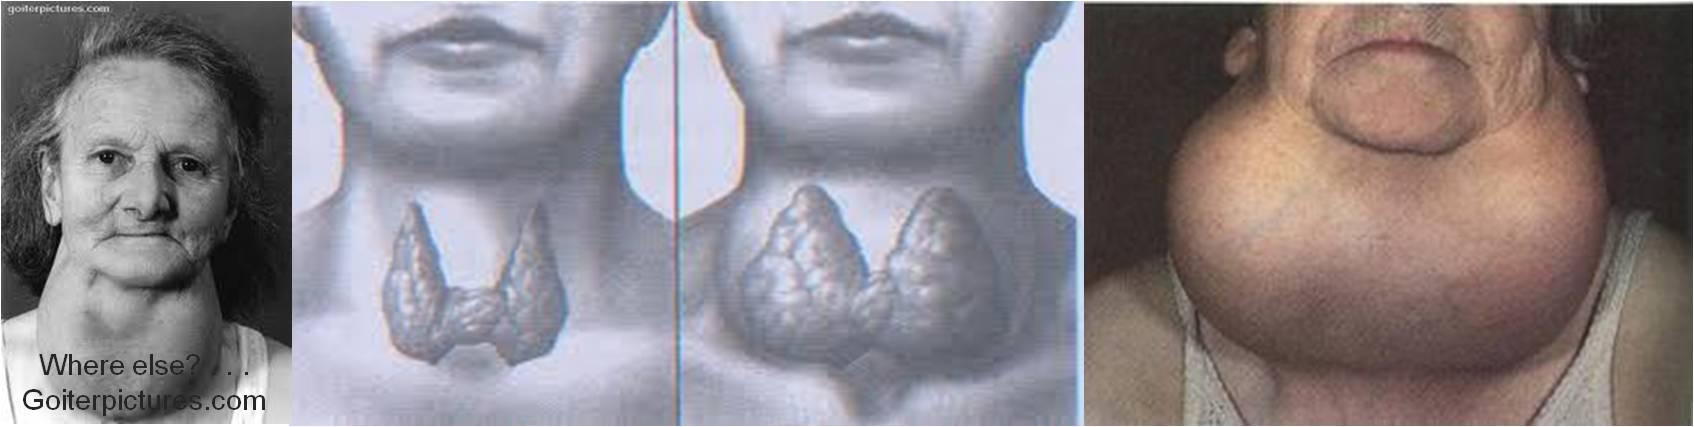 Головокружение при зобе щитовидной железы